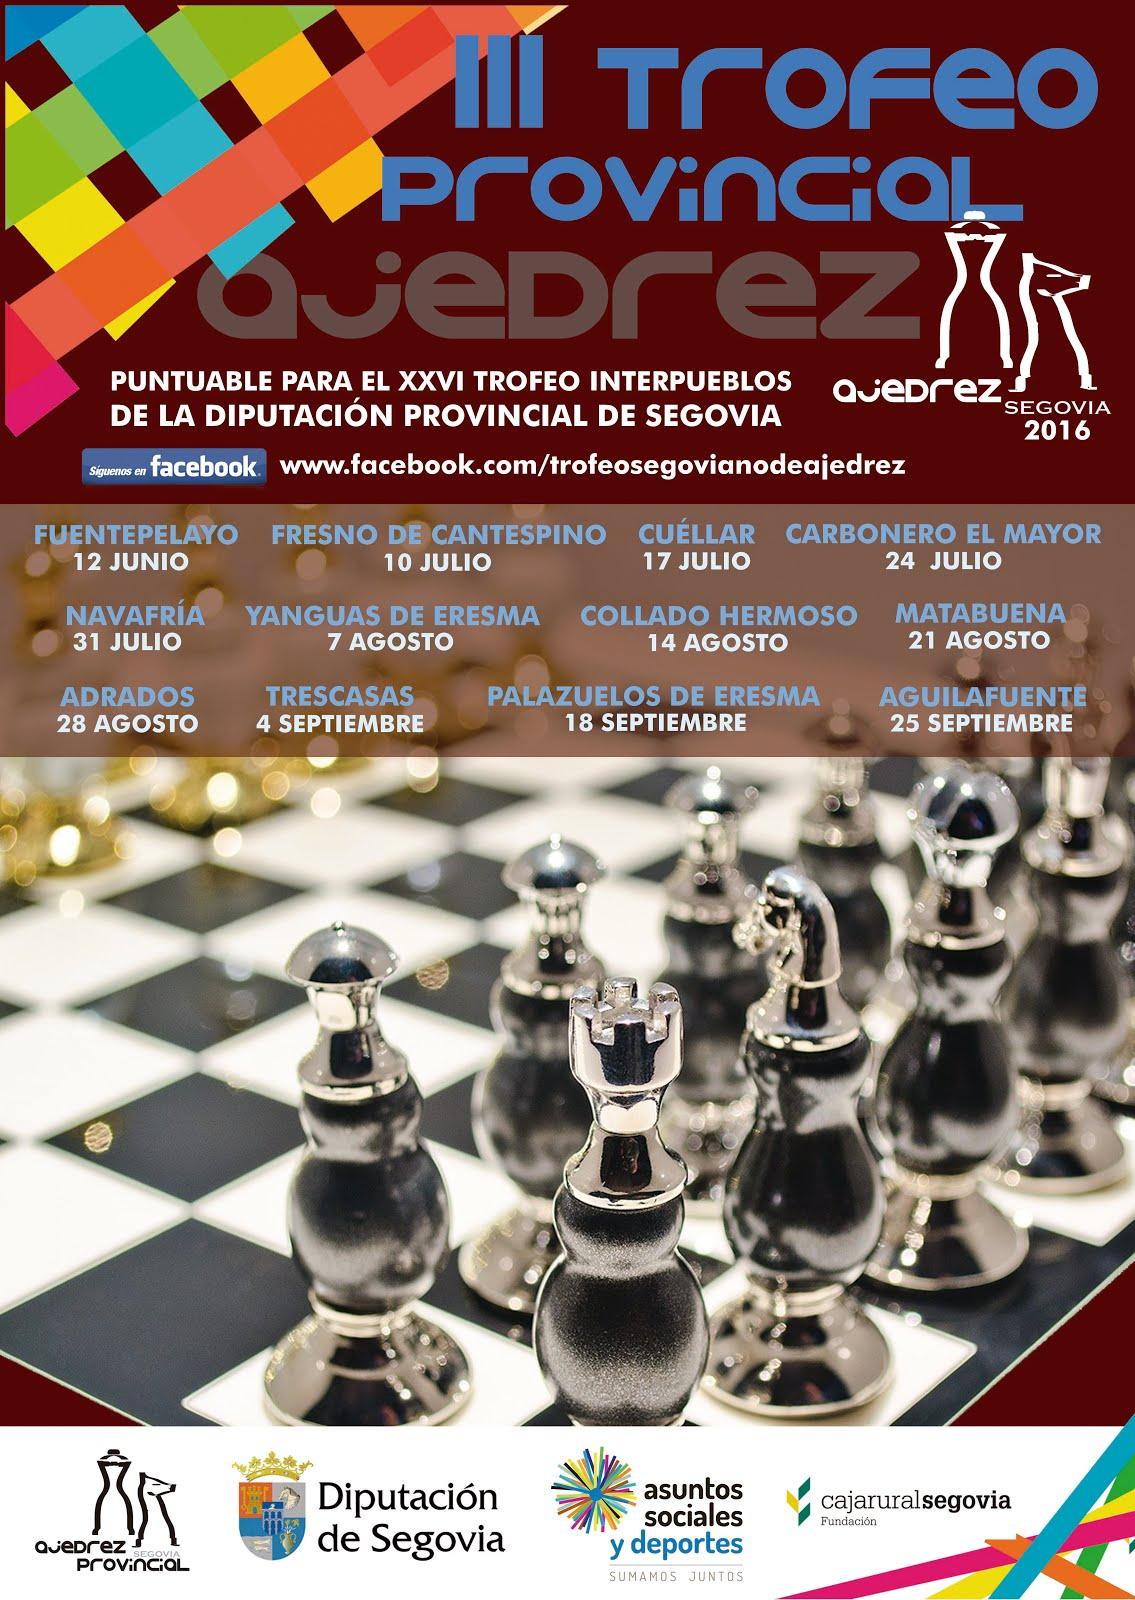 Trofeo Provincial de Ajedrez - Segovia 2016